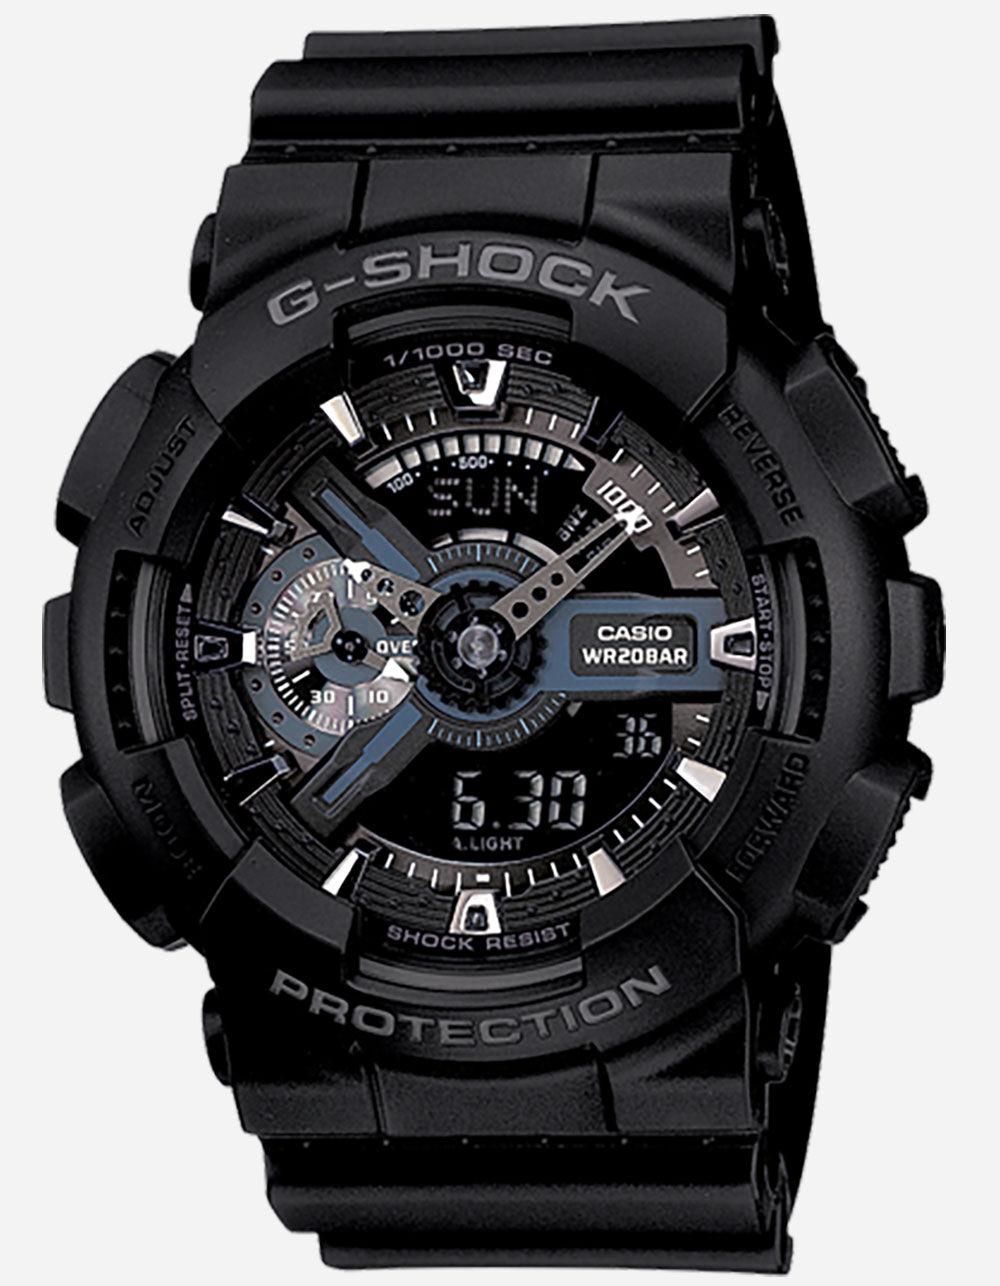 G-SHOCK GA-110-1B Watch